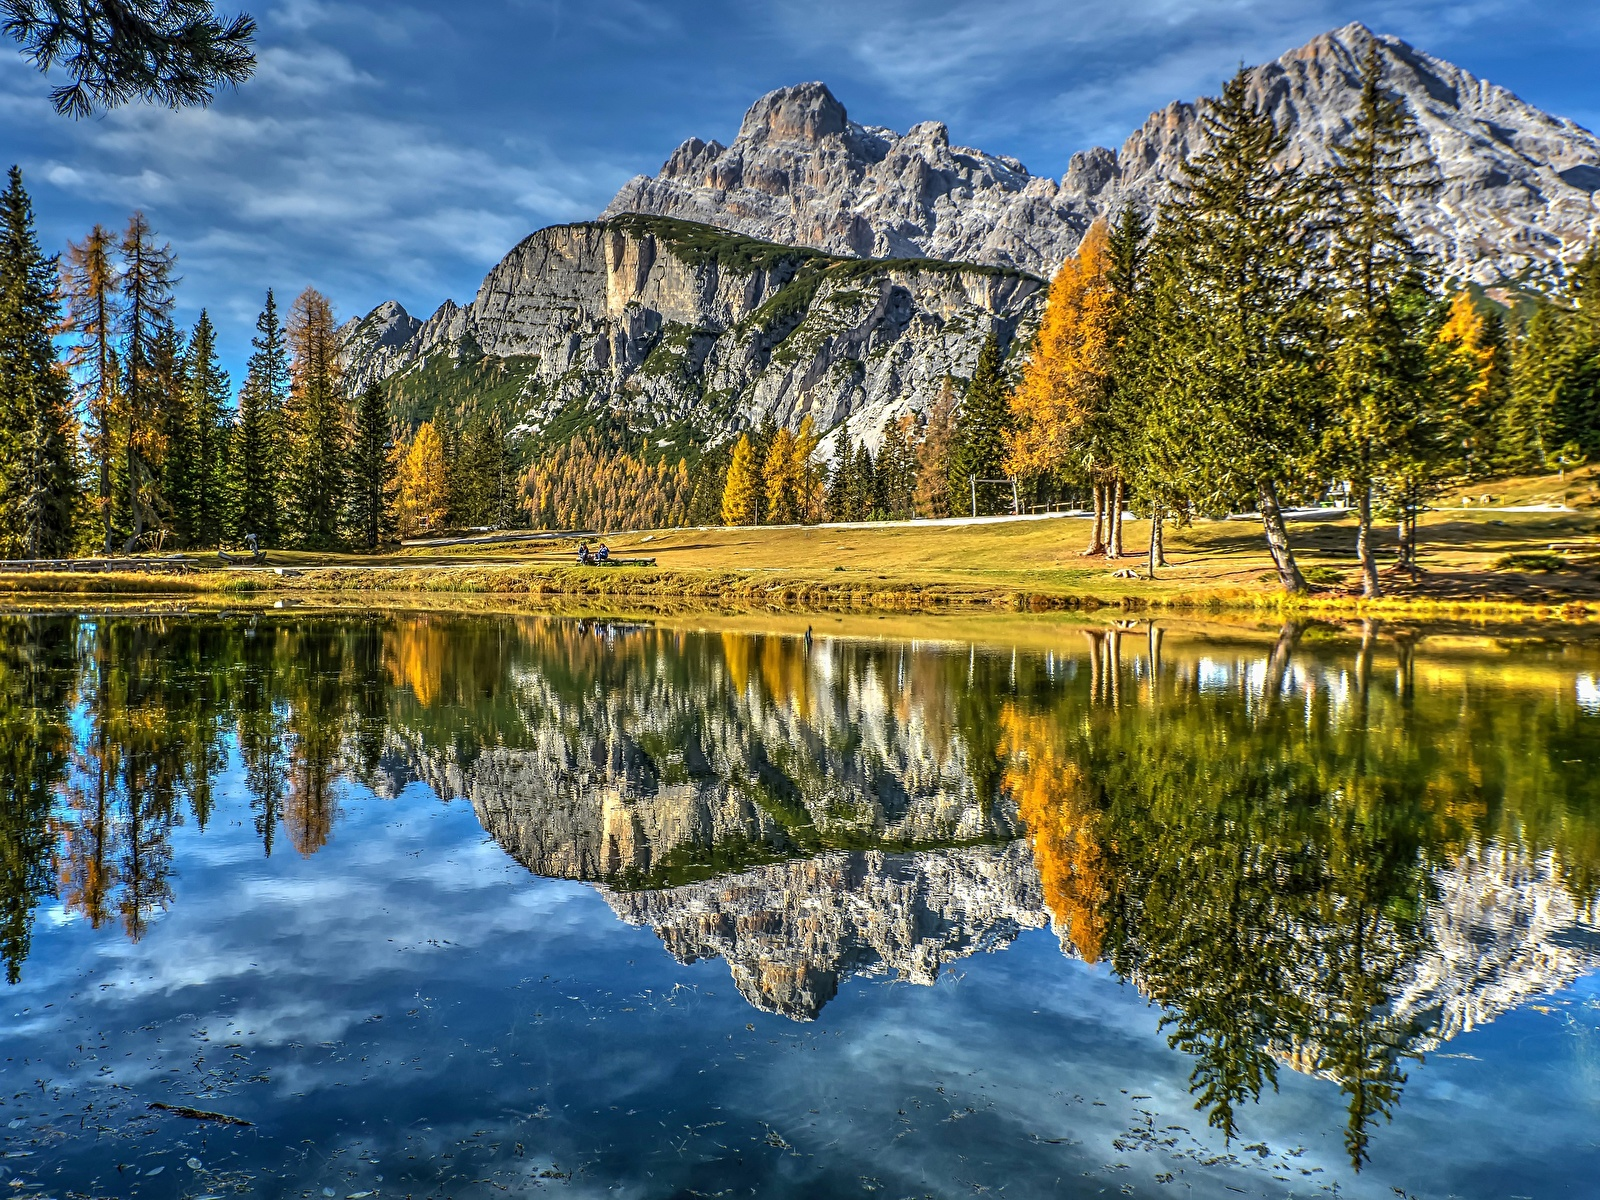 Фото Италия Dolomites Lake Antorno гора Природа Озеро Пейзаж отражается 1600x1200 Горы Отражение отражении